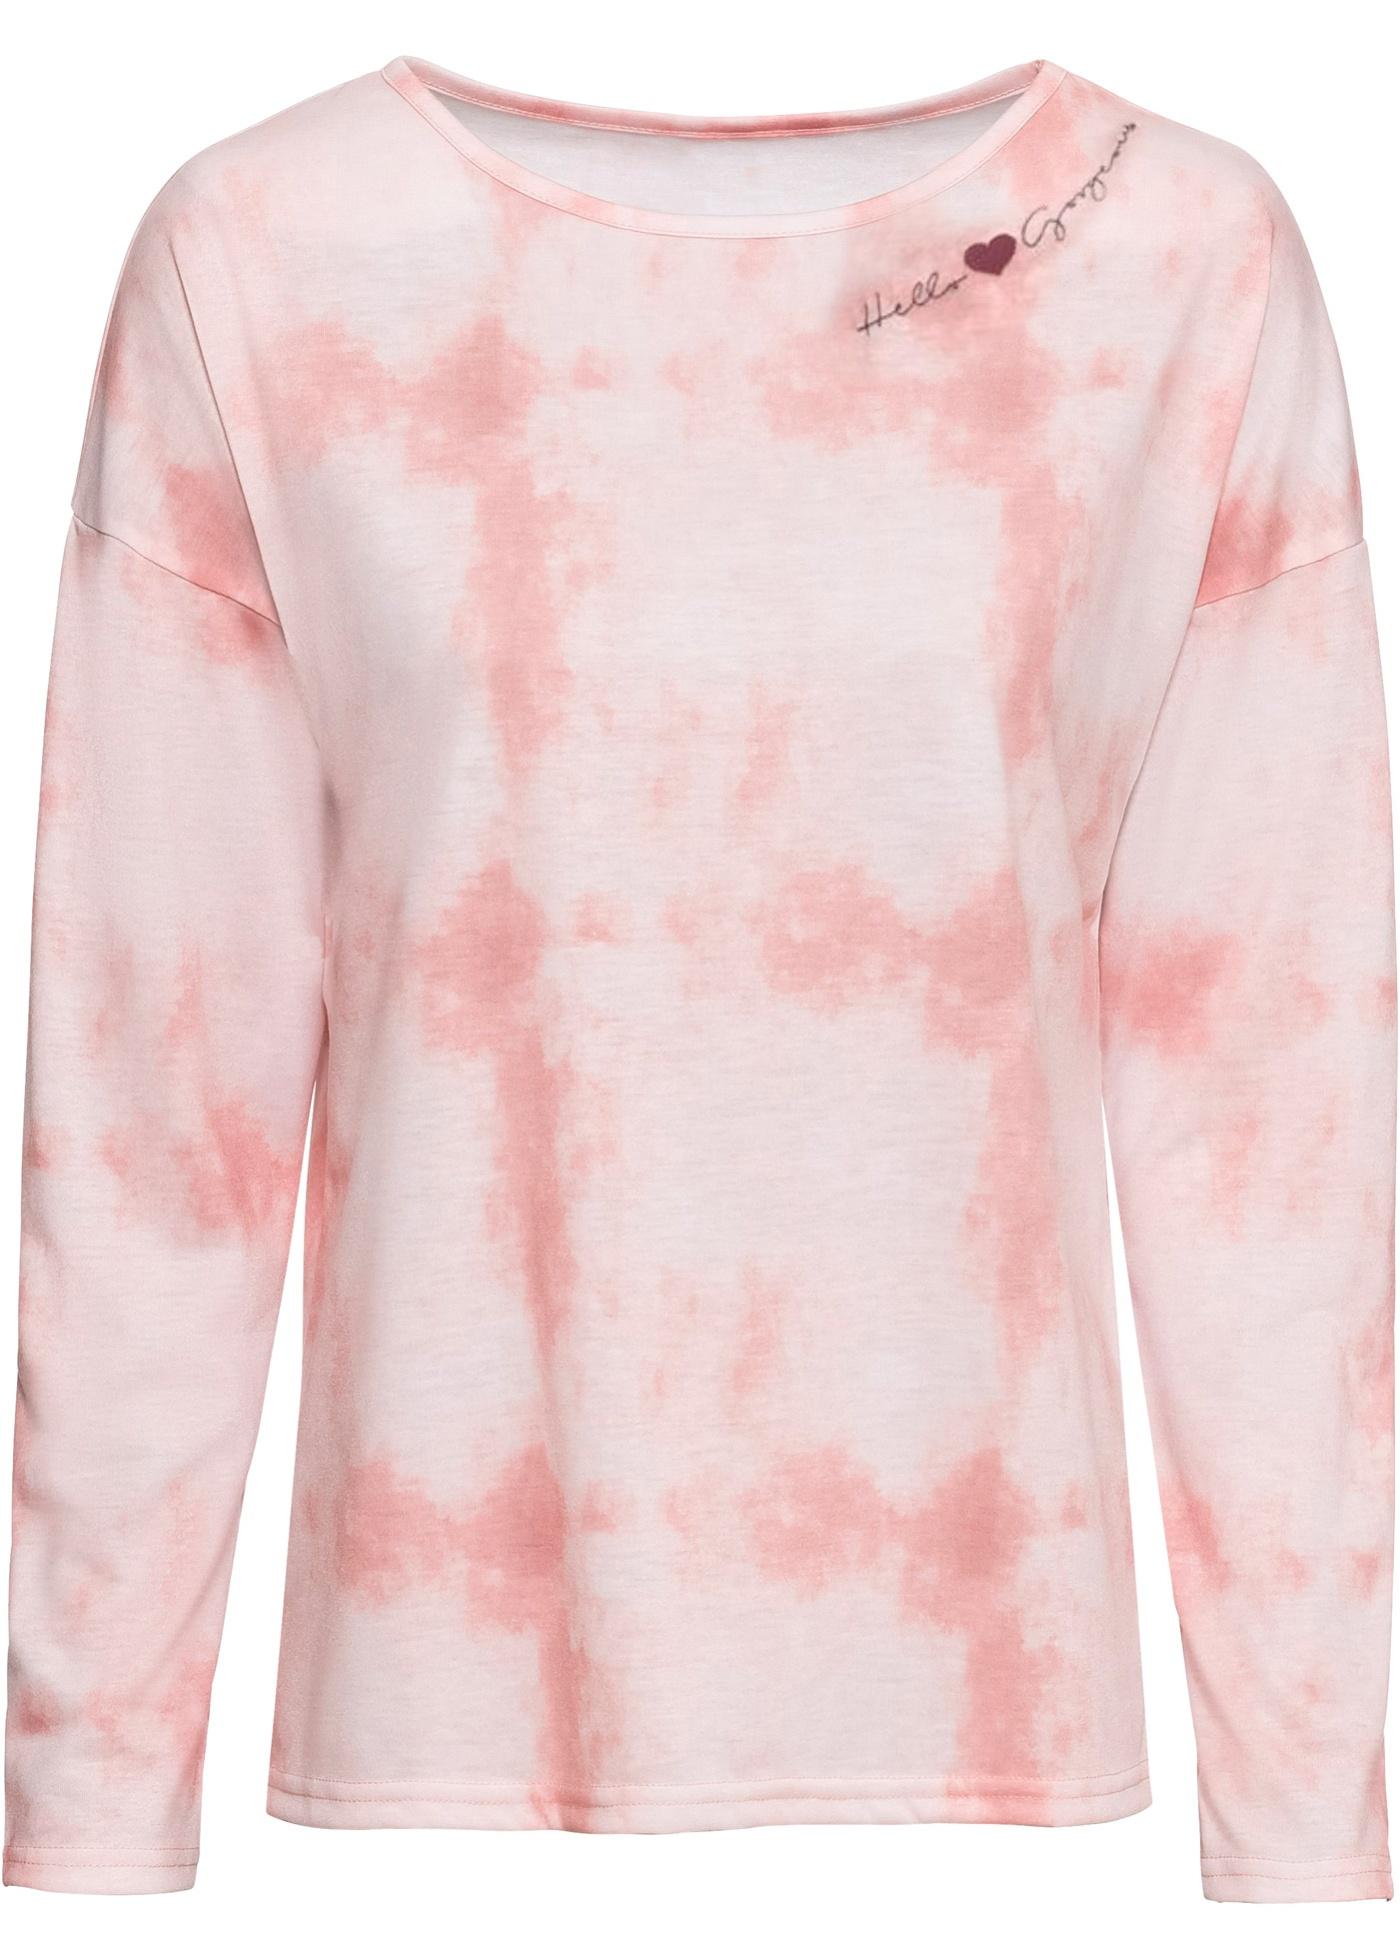 Femme Longues shirt Manches Rose Rainbow Pour Batik BonprixT Style rdxeCBo